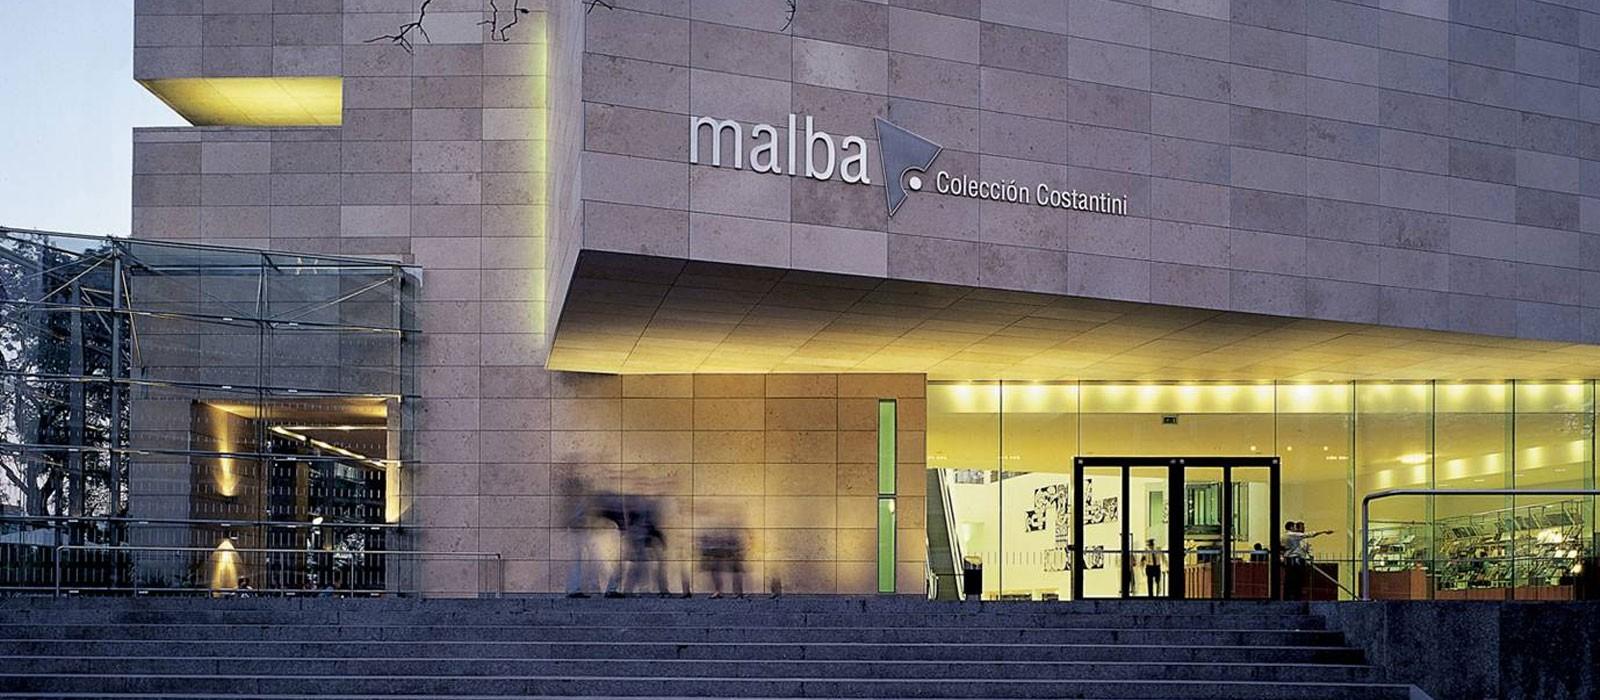 <strong>MALBA - </strong> MUSEO DE ARTE LATINOAMERICANO. BUENOS AIRES.